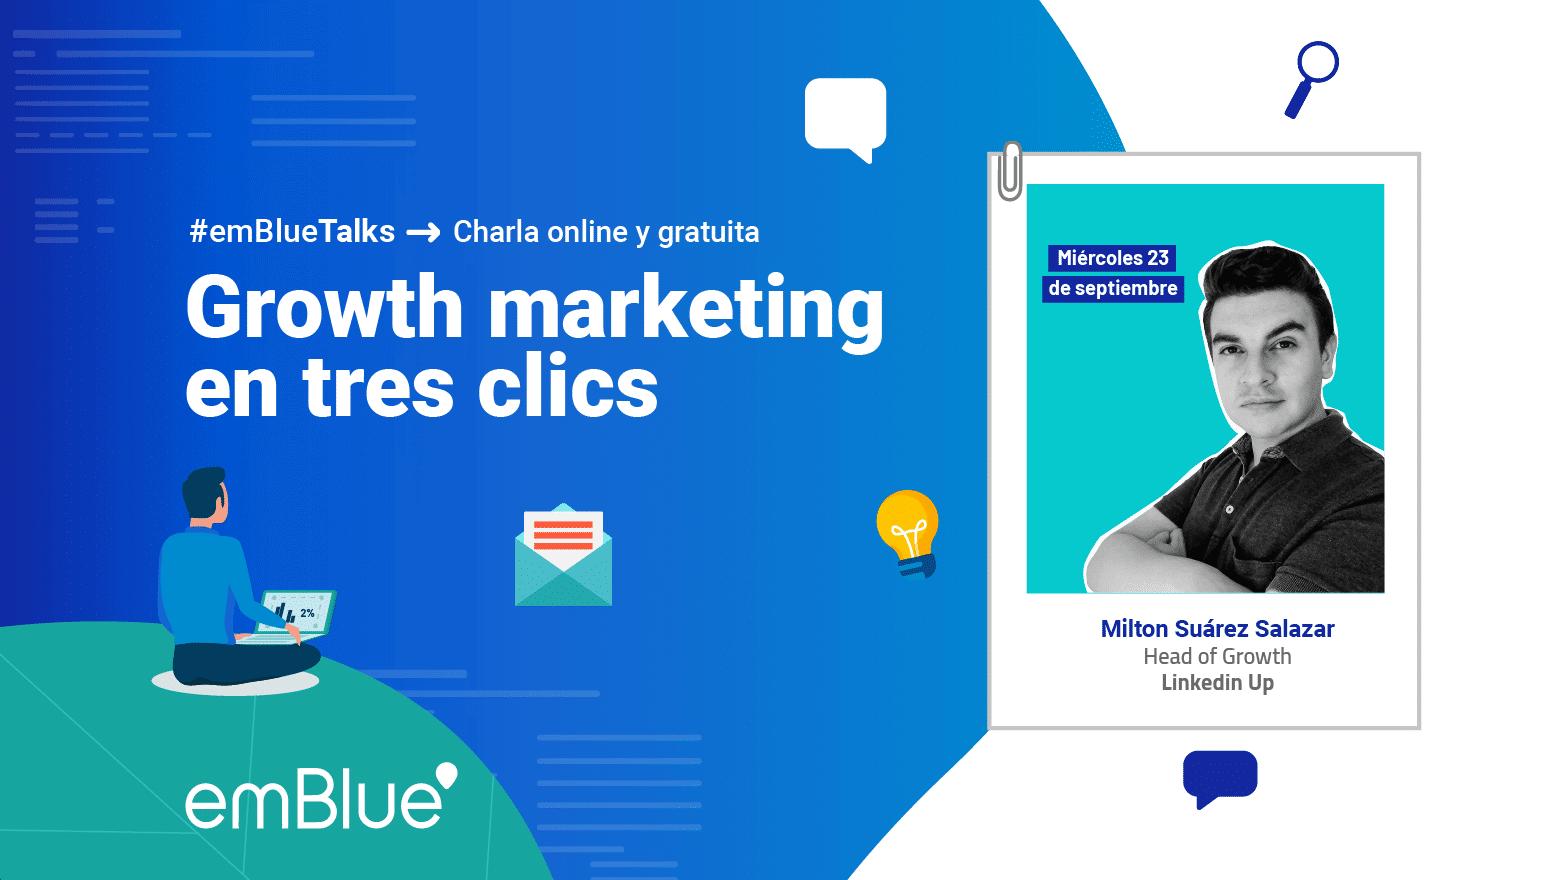 #emBlueTalks: growth marketing en tres clics